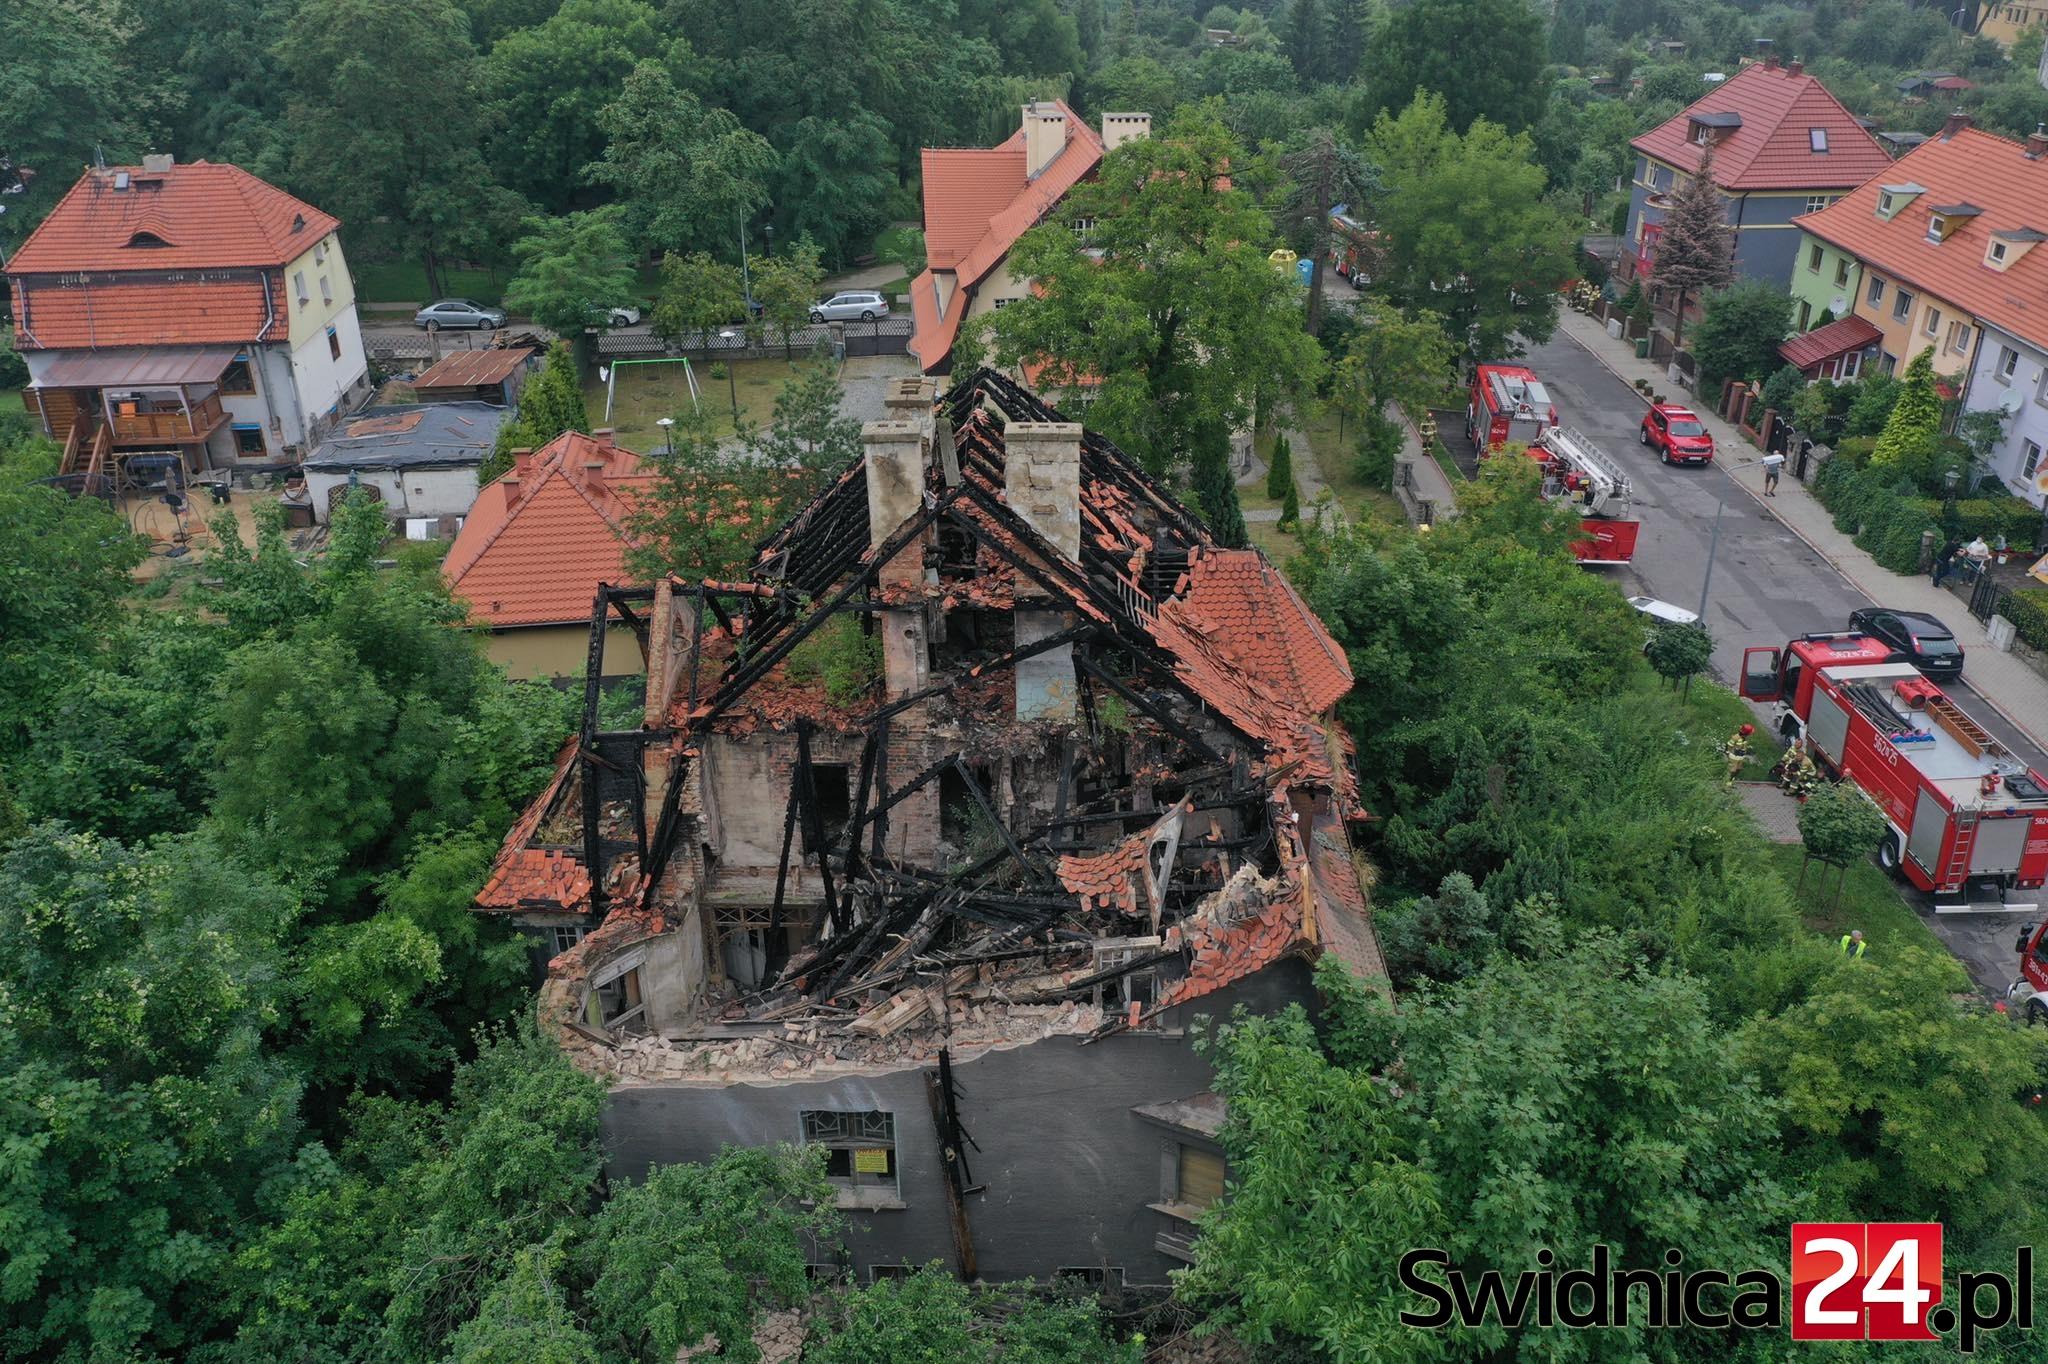 dolny śląsk - katastrofa budowlana